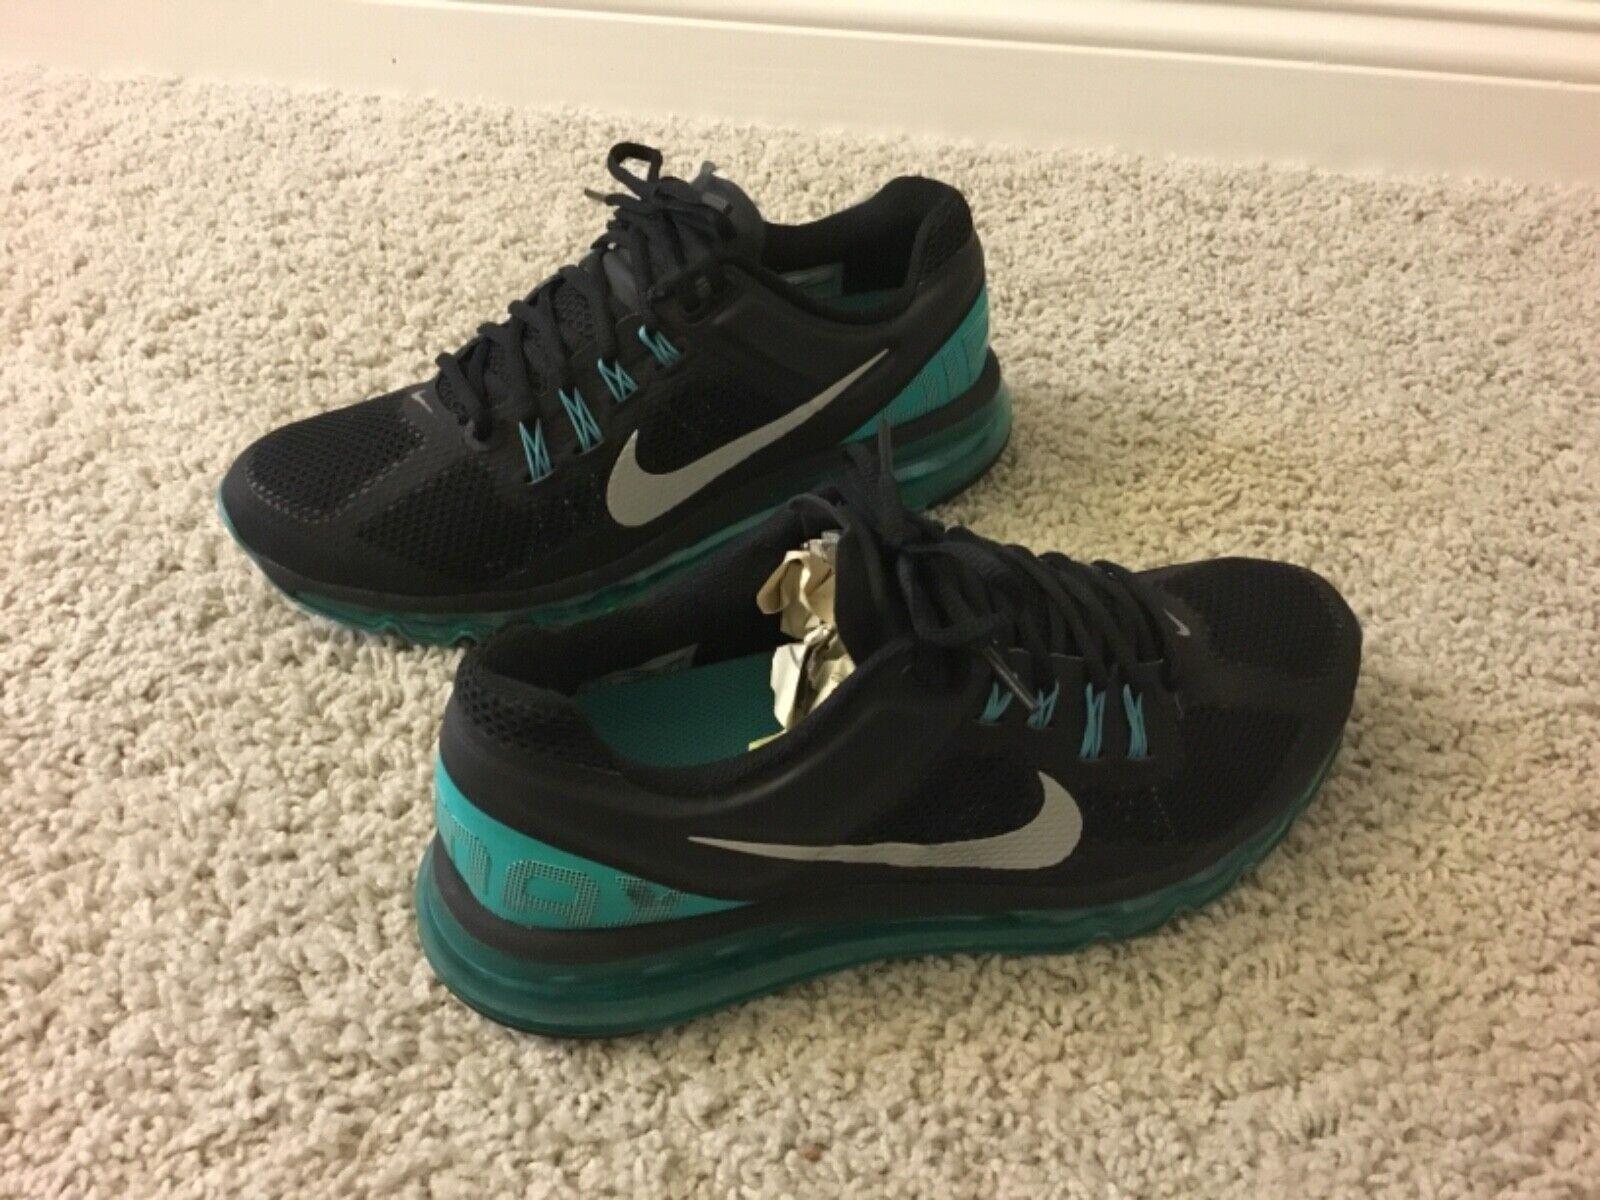 Men's Men's Men's Nike Air Max +2013 Athletic shoes Size 9.5M Multi-color f989a7